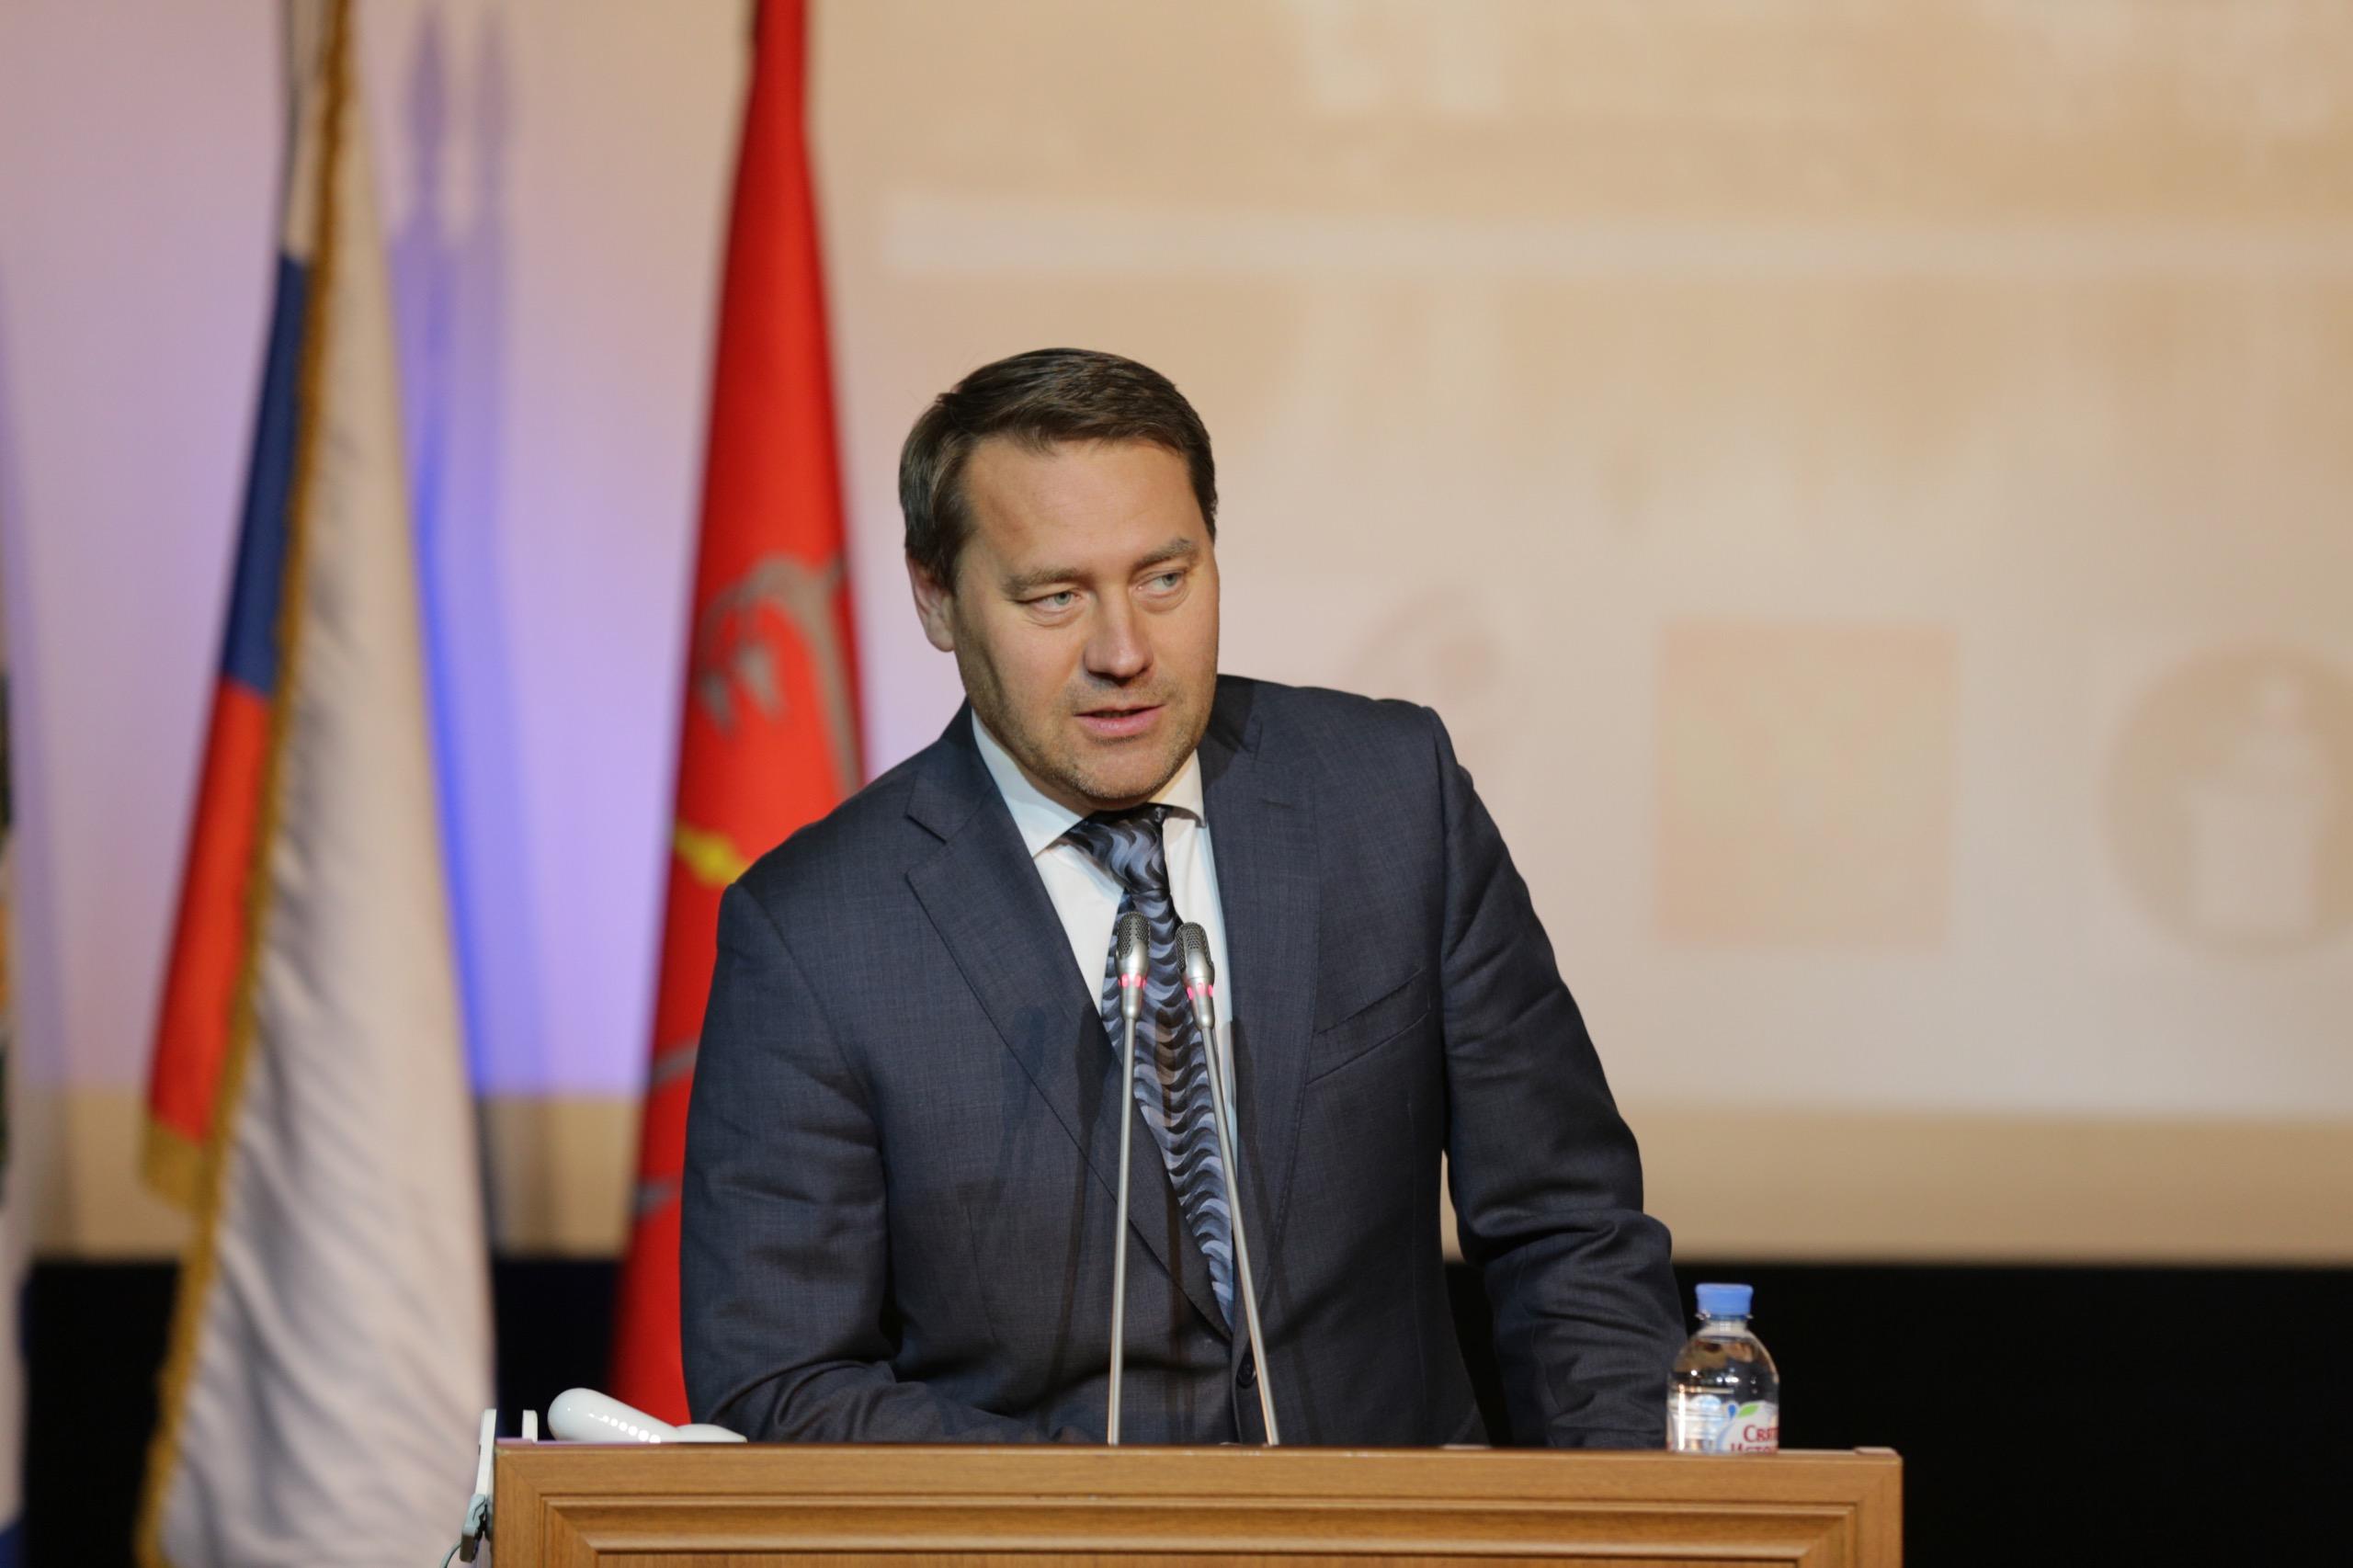 Интрига первого заседания ЗакСа Петербурга: кого выберут новым спикером?